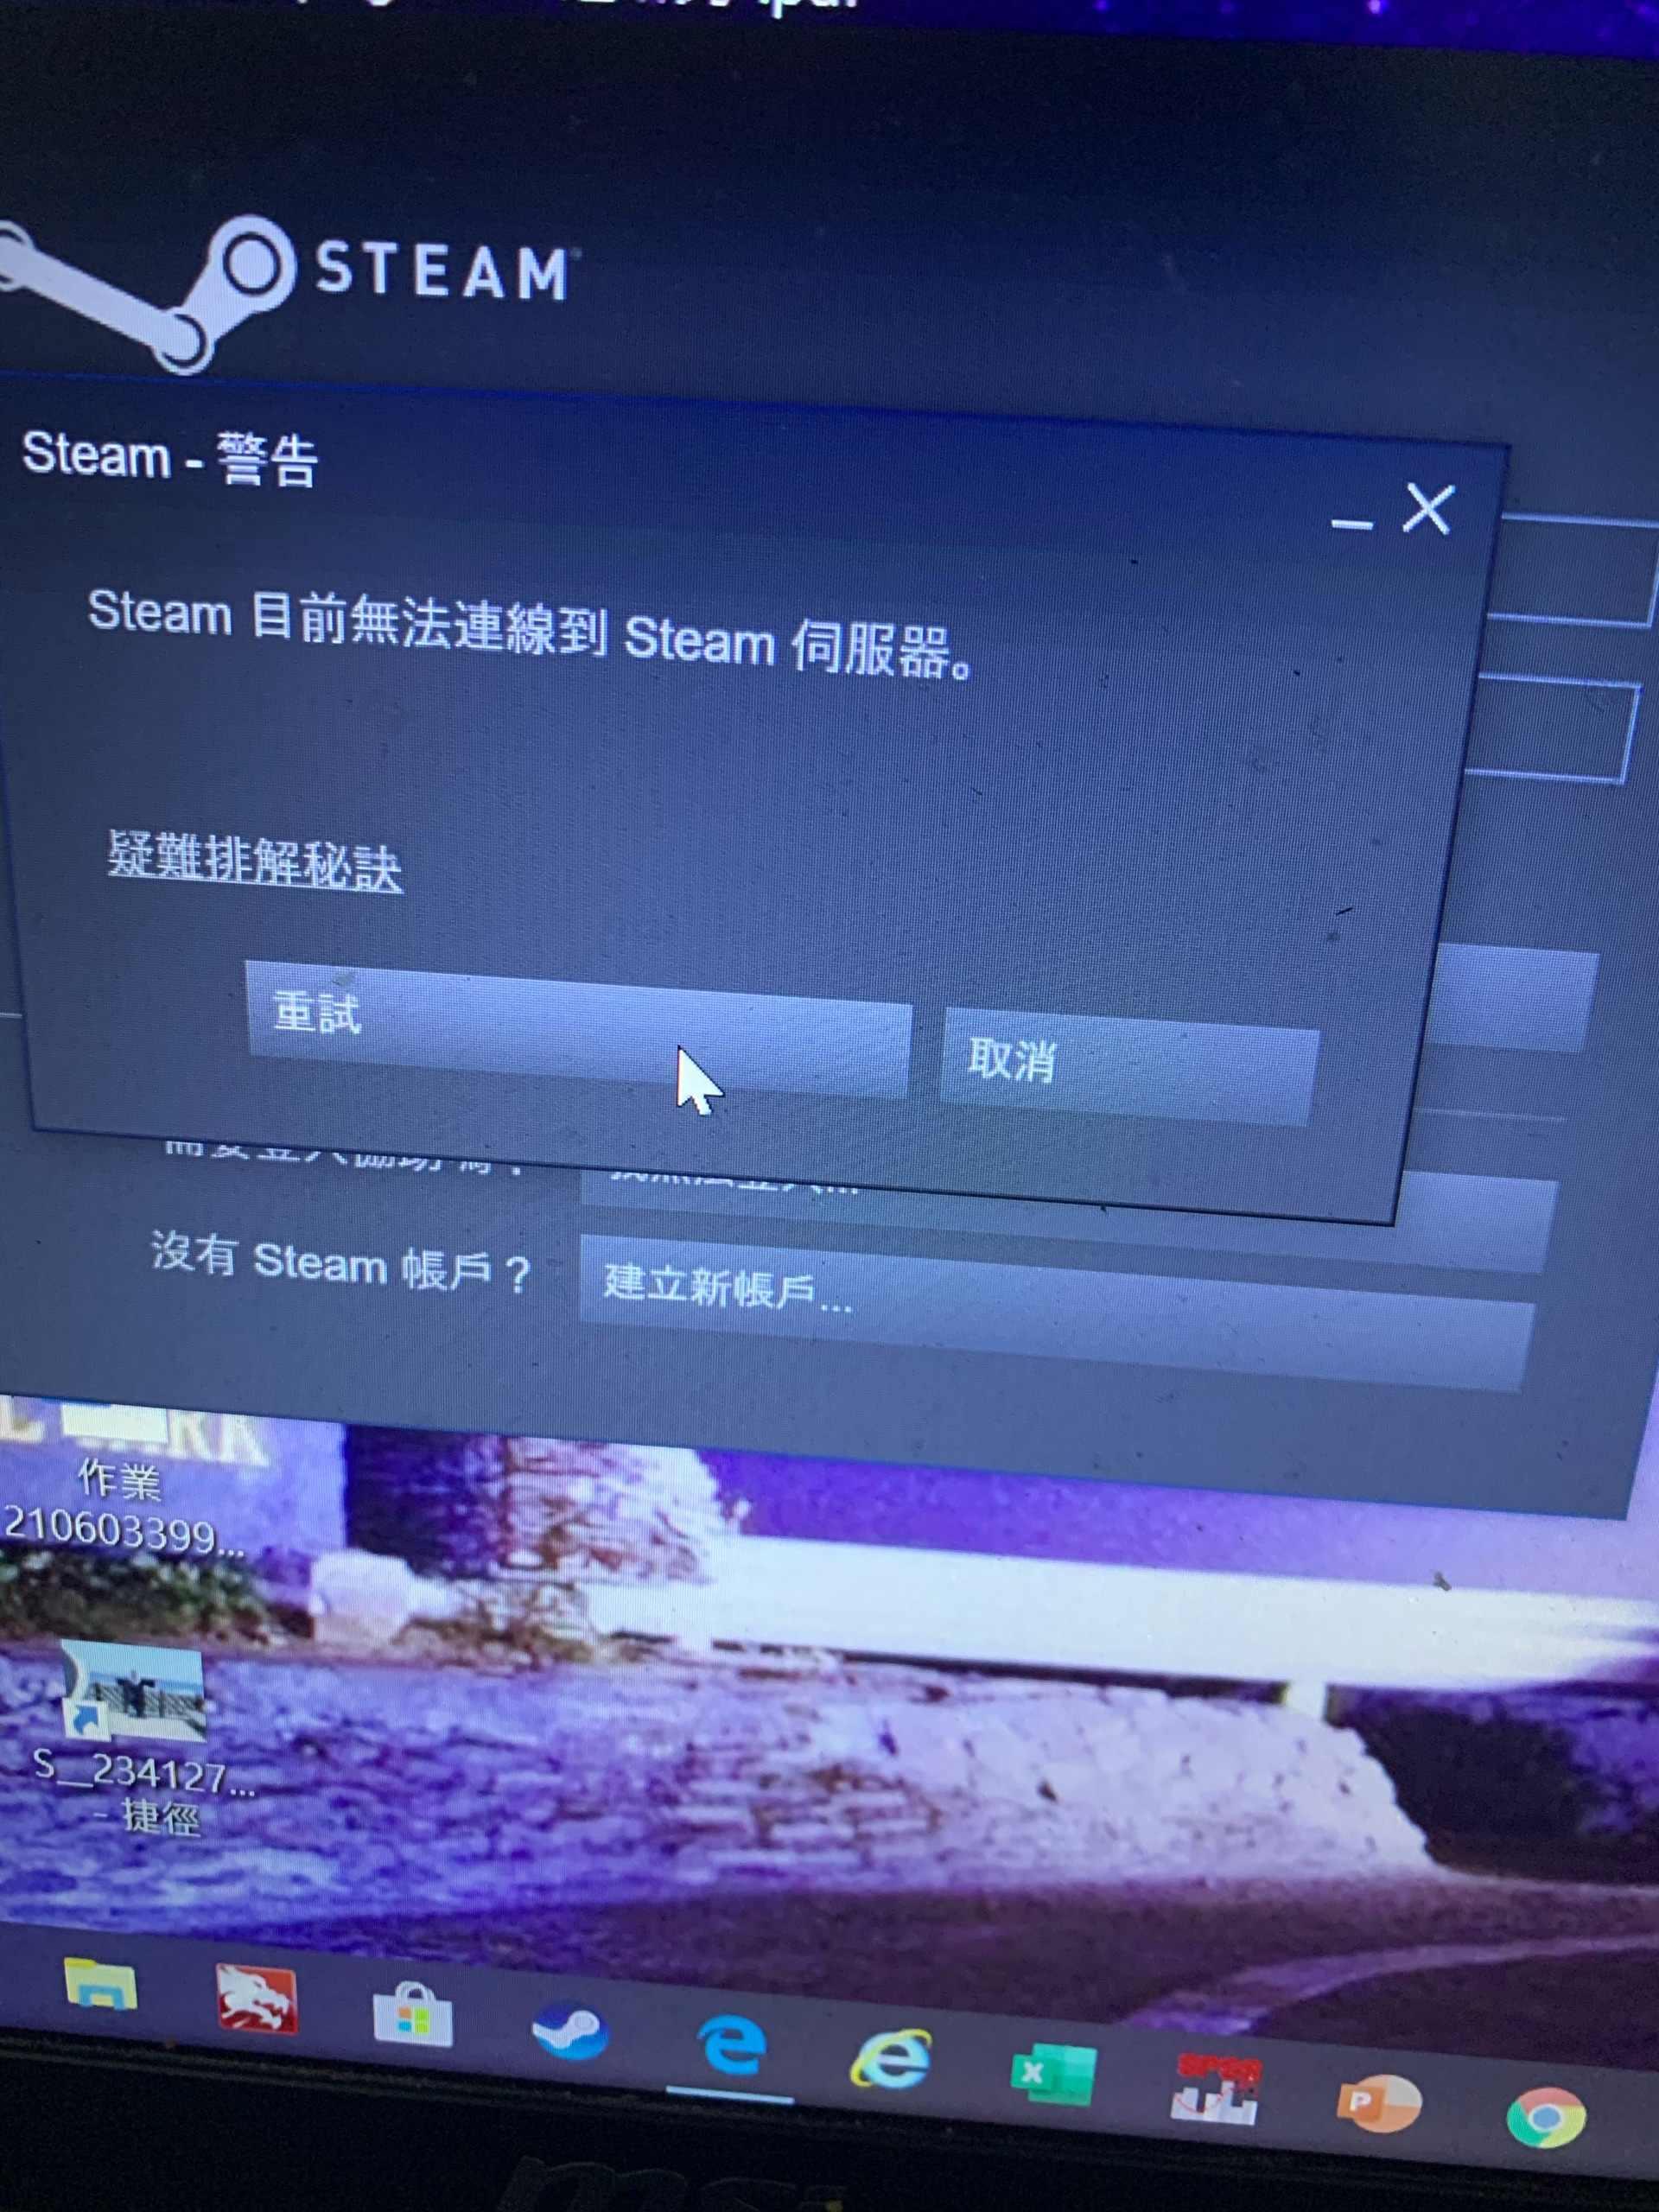 【問題】Steam無法連線該怎麼辦 @Steam 綜合討論板 哈啦板 - 巴哈姆特